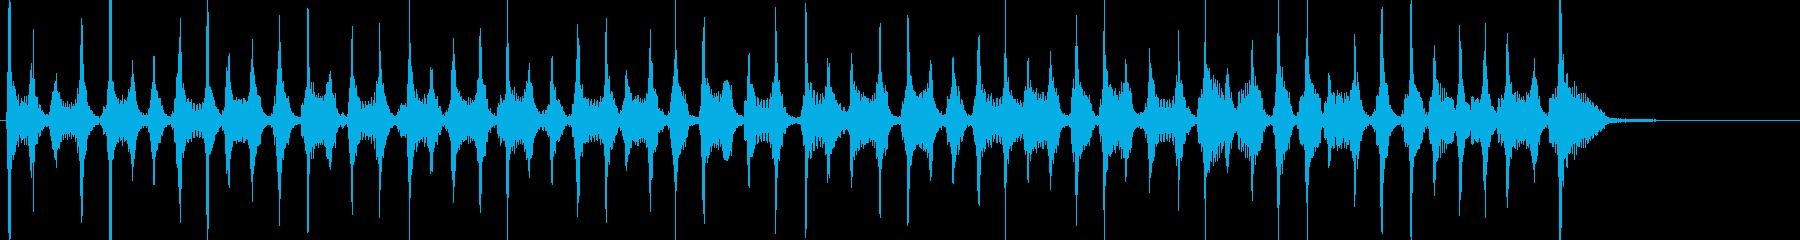 サンバホイッスル ピ~~~~!Ver.1の再生済みの波形